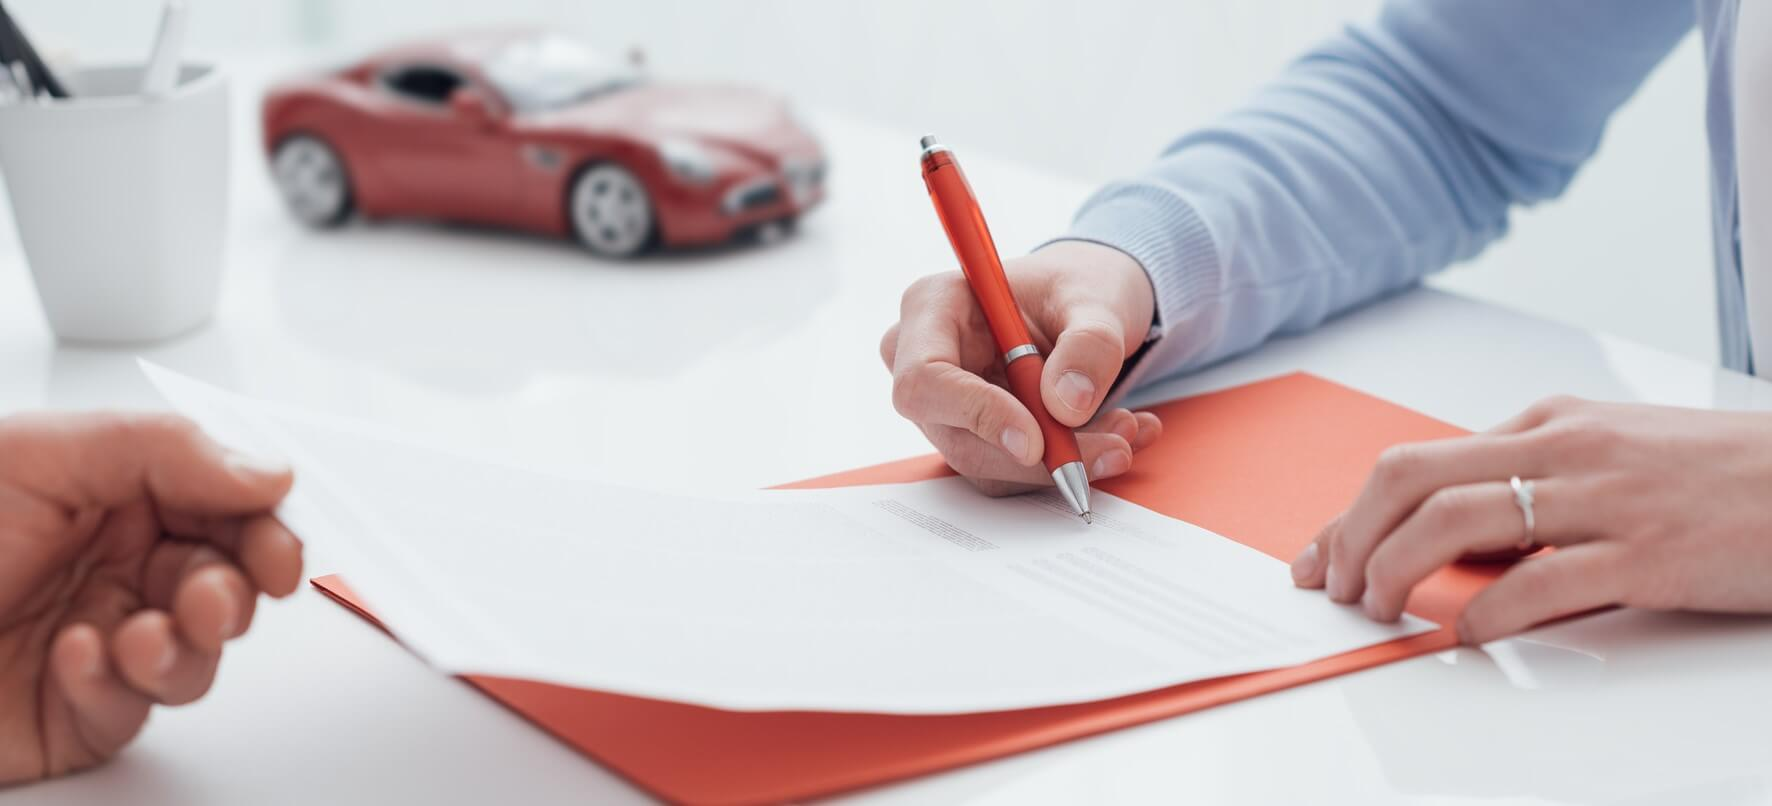 Signature d'un contrat d'assurance.